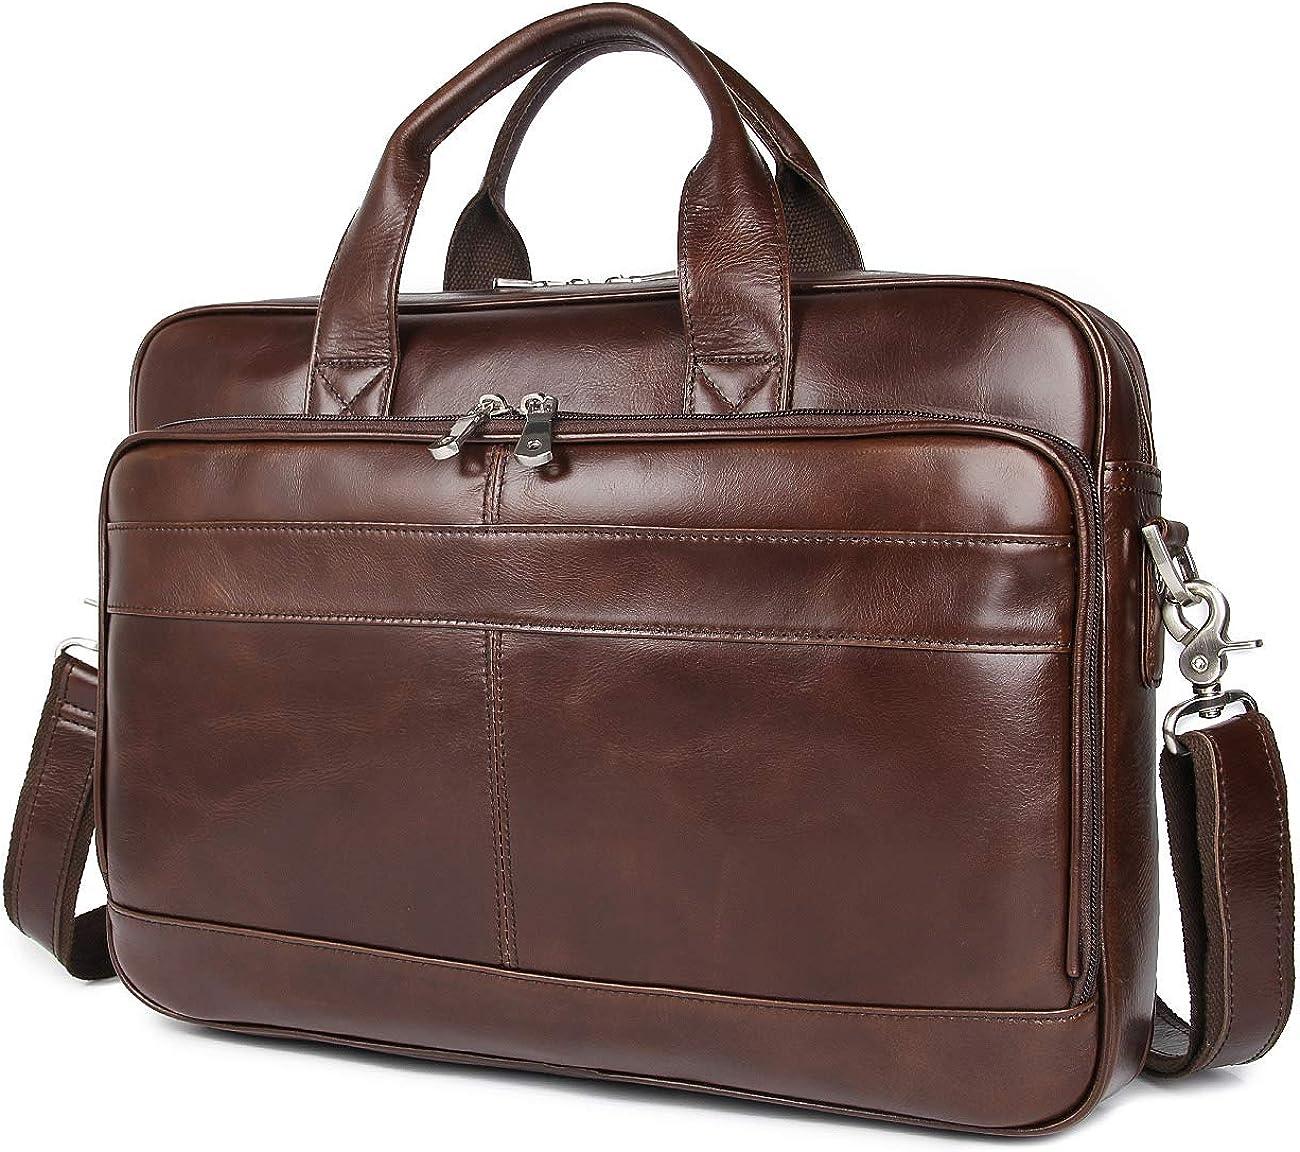 Augus Leather Messenger Bag for Men Vintage Travel Backpack 17 inch laptop Briefcase Shoulder Bags